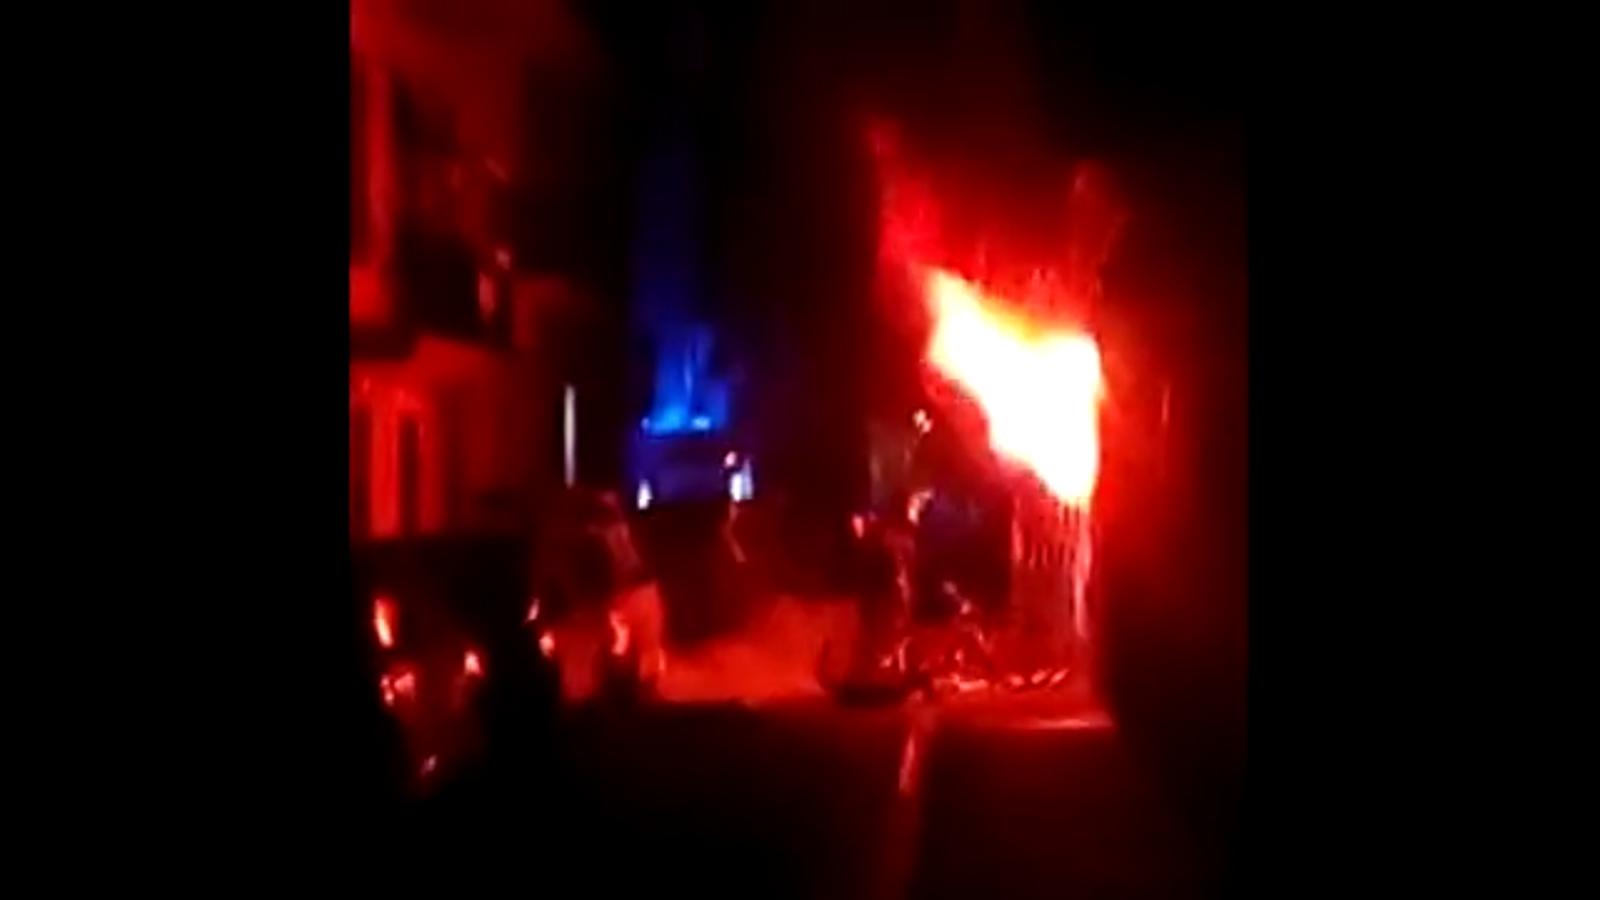 Les flames sortien dels baixos del bloc durant l'incendi a la Barceloneta